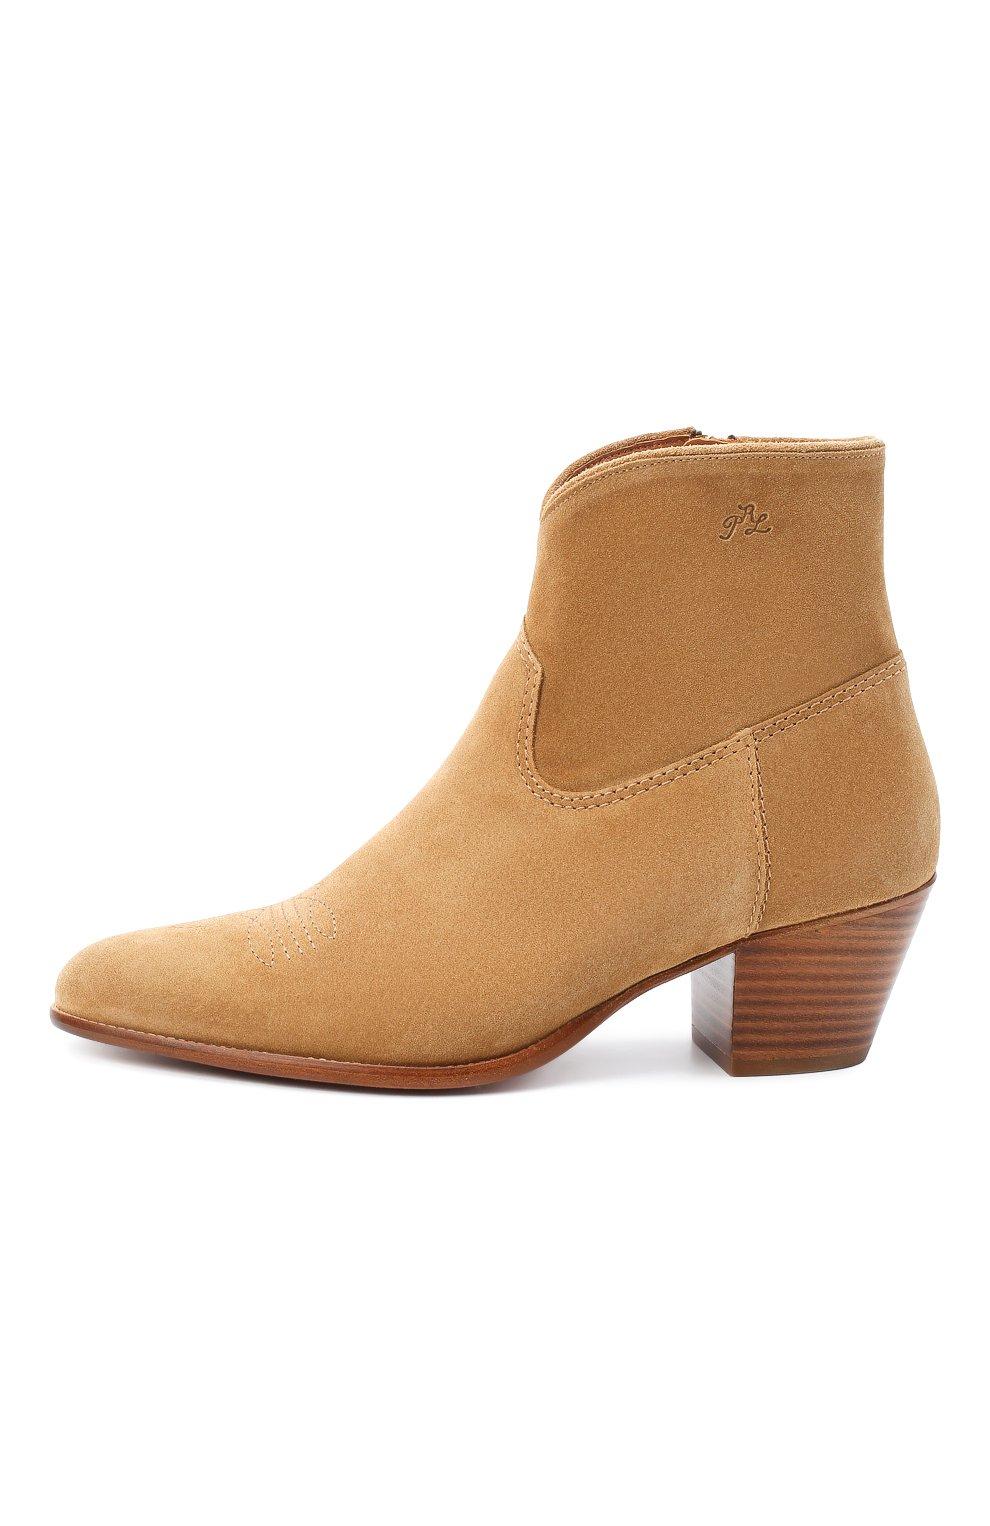 Женские замшевые ботинки POLO RALPH LAUREN коричневого цвета, арт. 818799174 | Фото 3